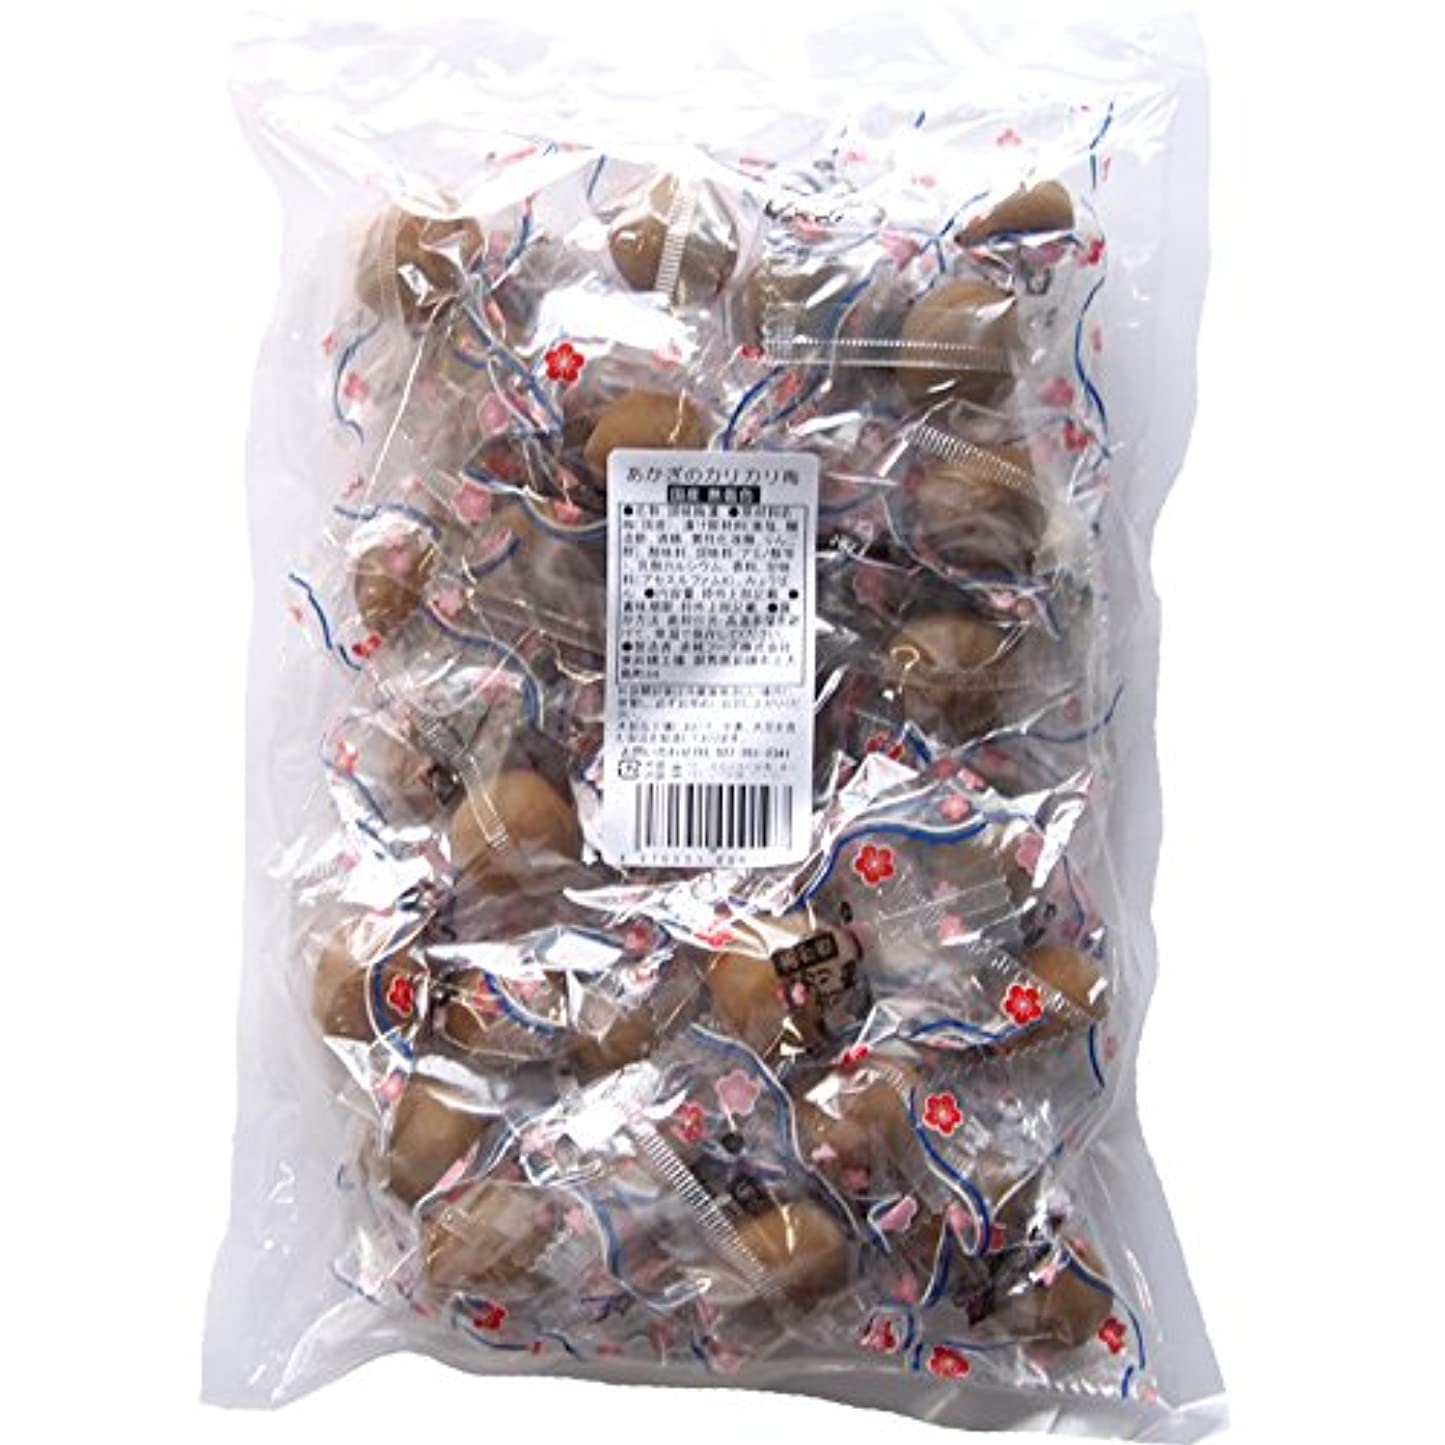 ダンプ倍増改善赤城フーズ あかぎのカリカリ梅 国産無着色 40粒×2袋